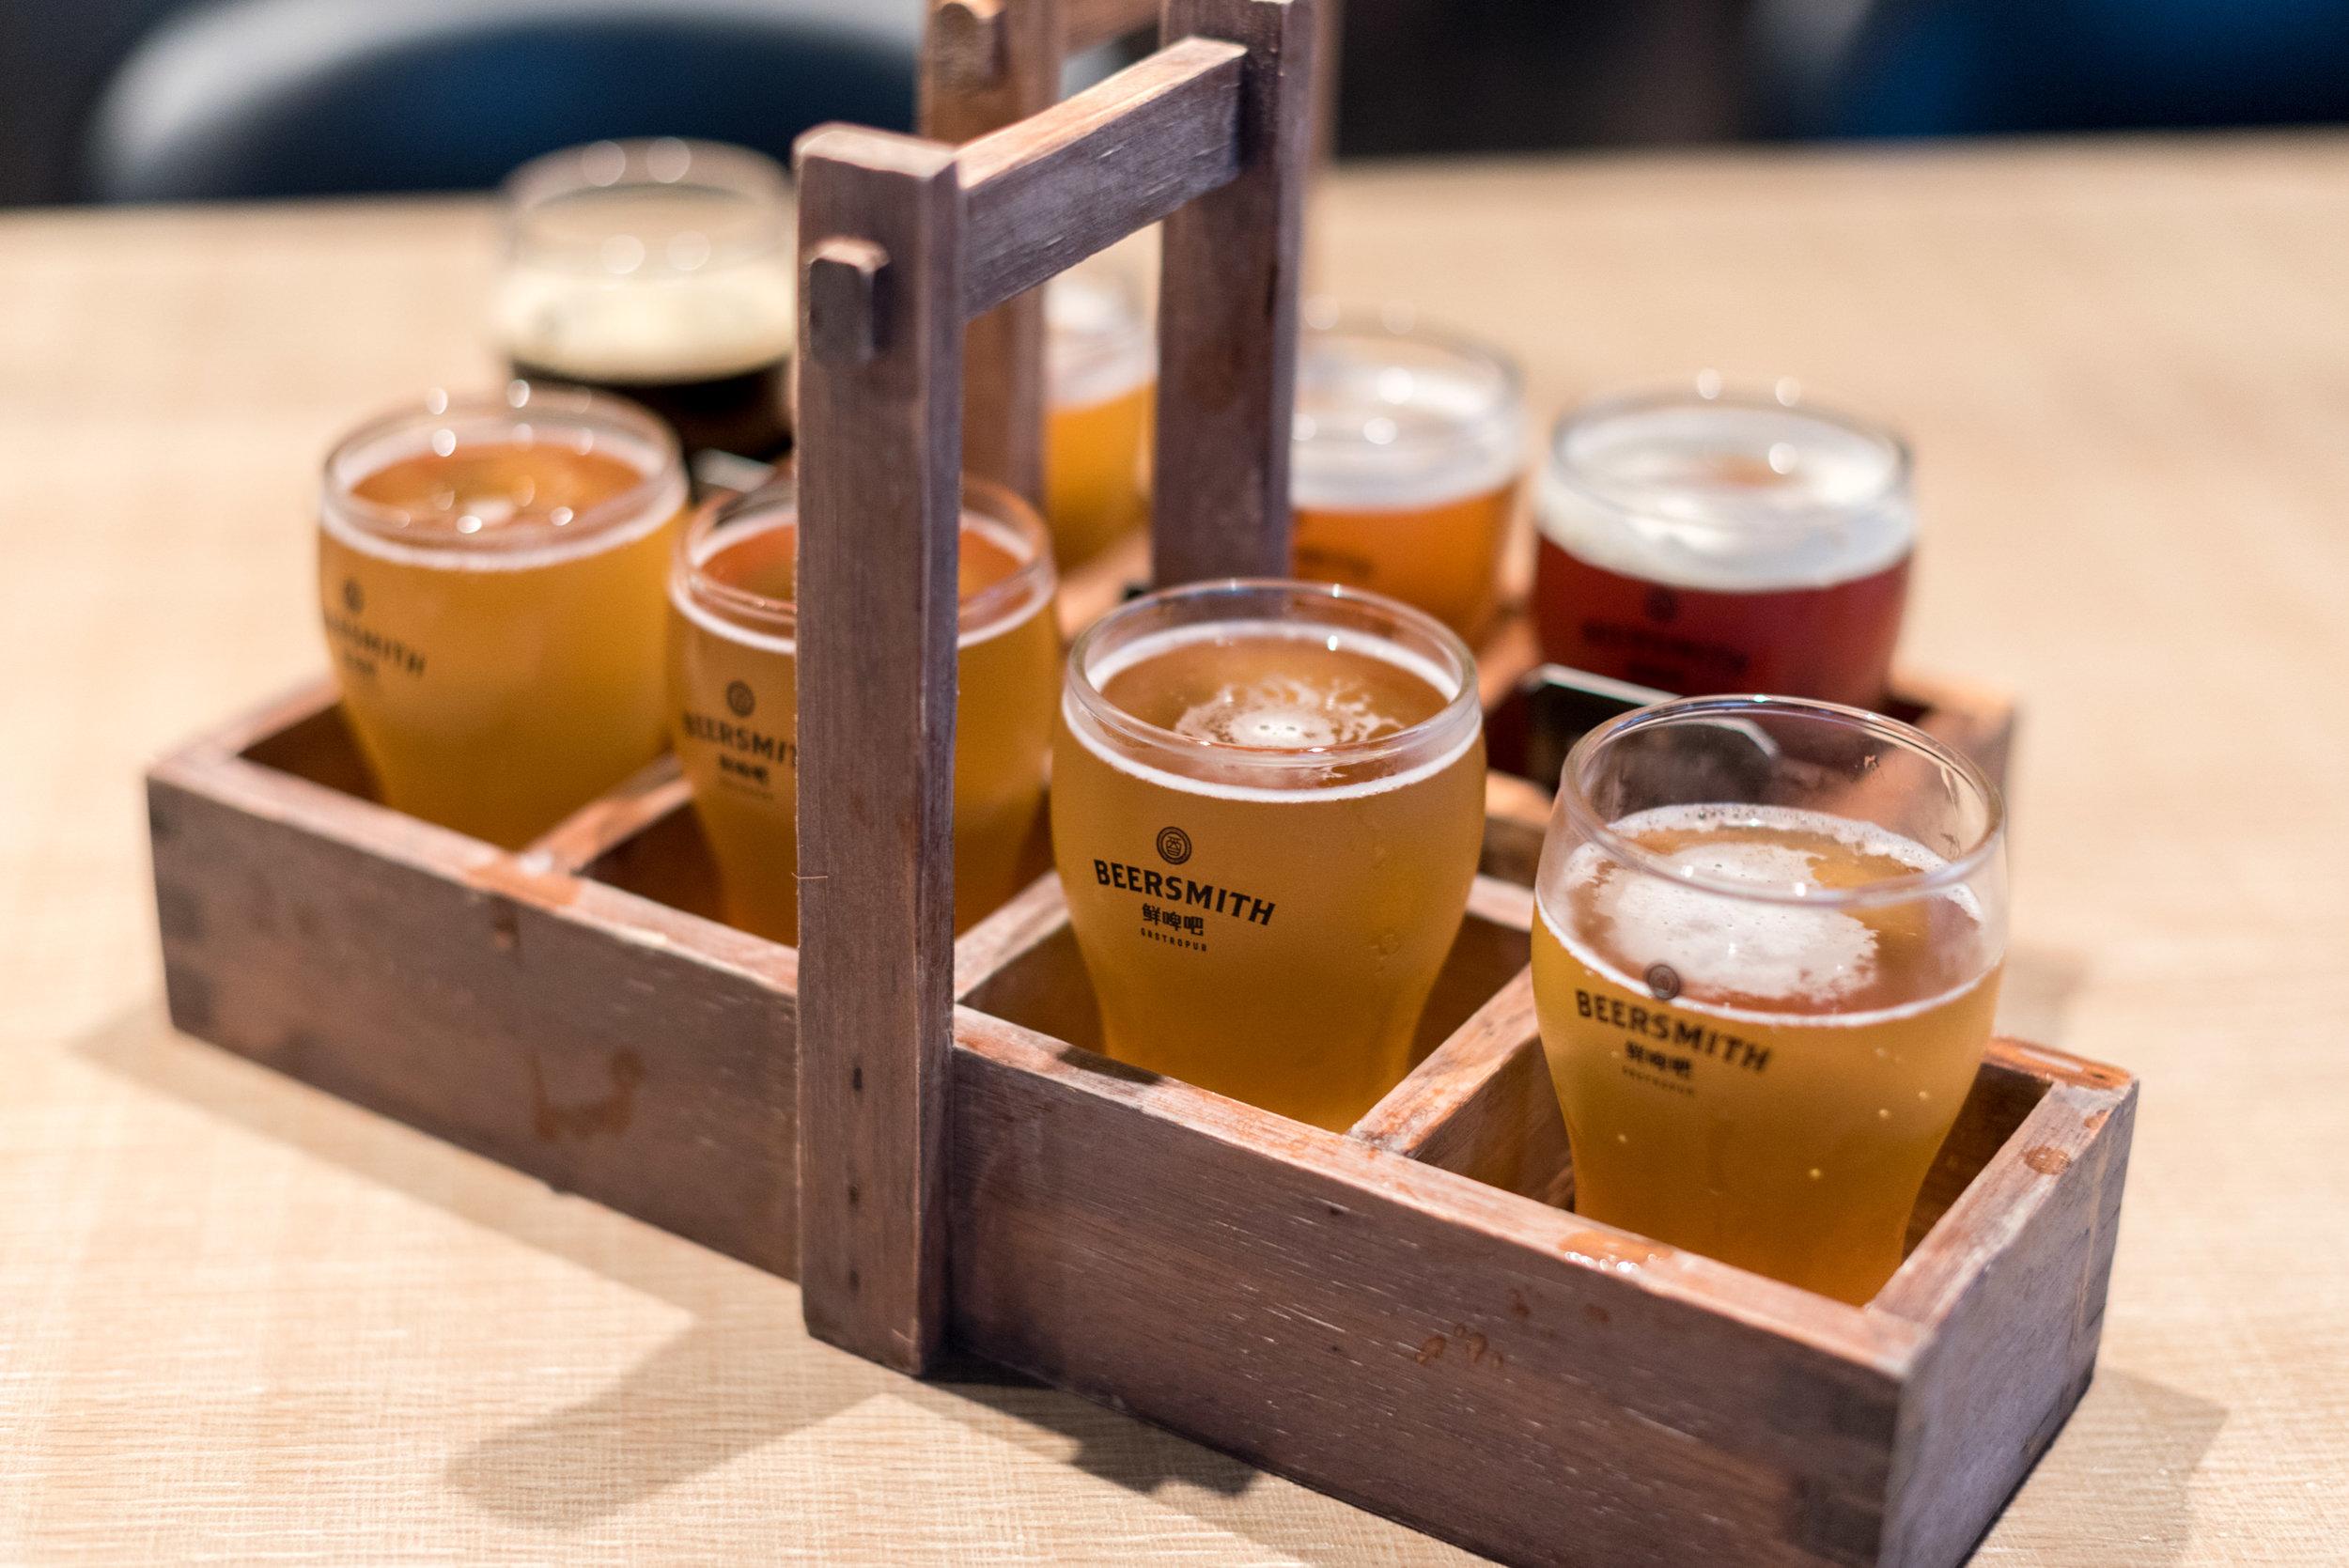 Beer Brewery in Hotel  Beersmith Gastropub (鲜啤吧) - Hotel Jen Beijing